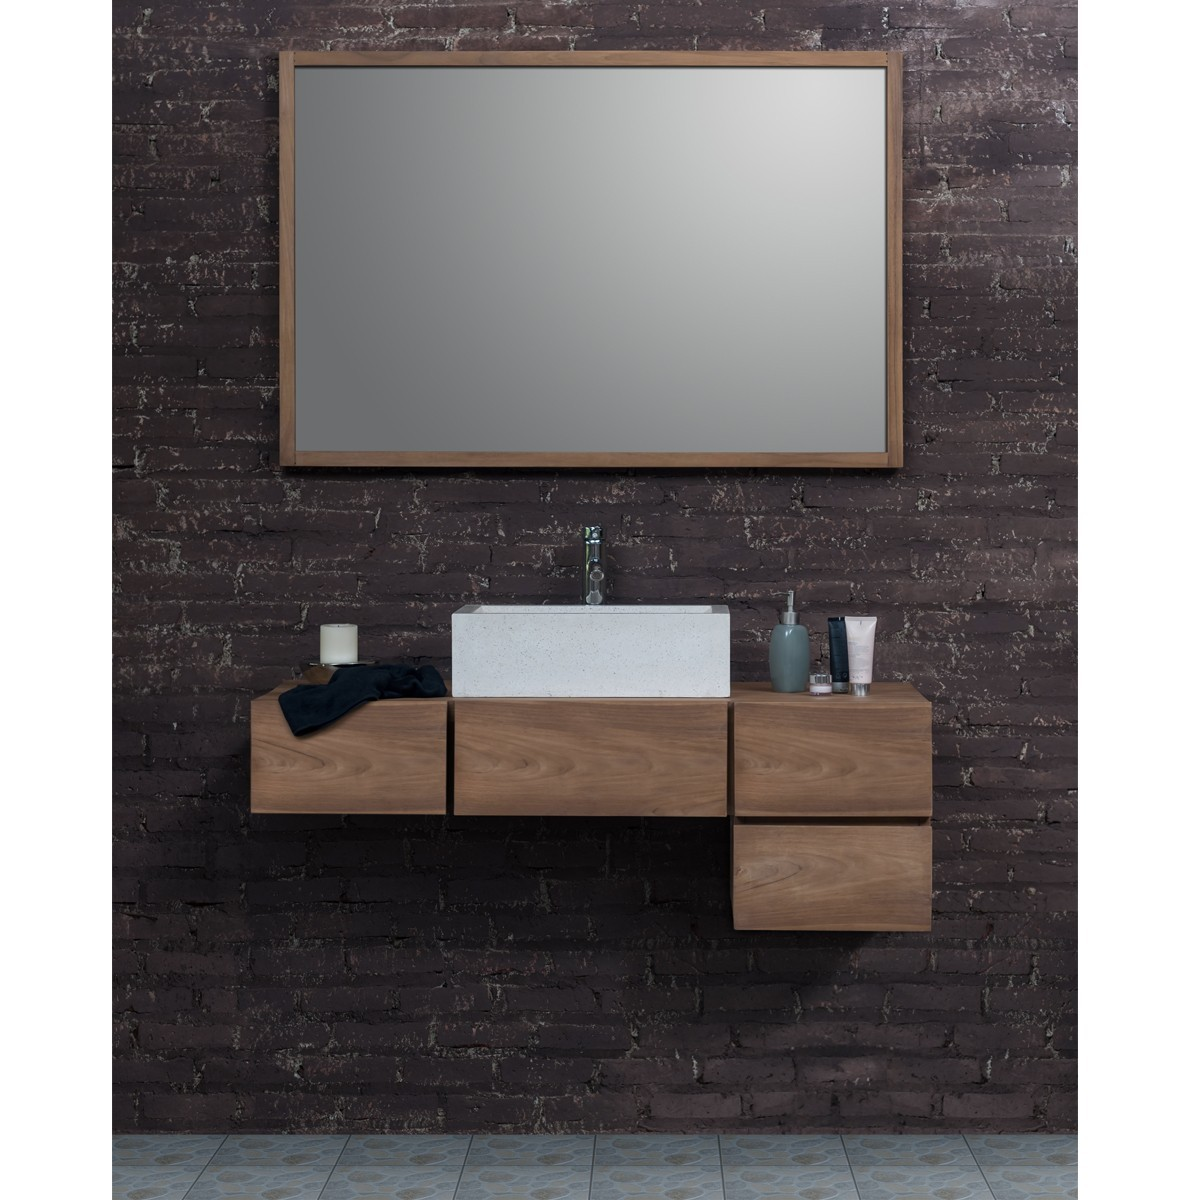 Ensemble de salle de bain en bois de teck 145 vasque miroir bois dessus bois dessous - Ensemble salle de bain bois ...